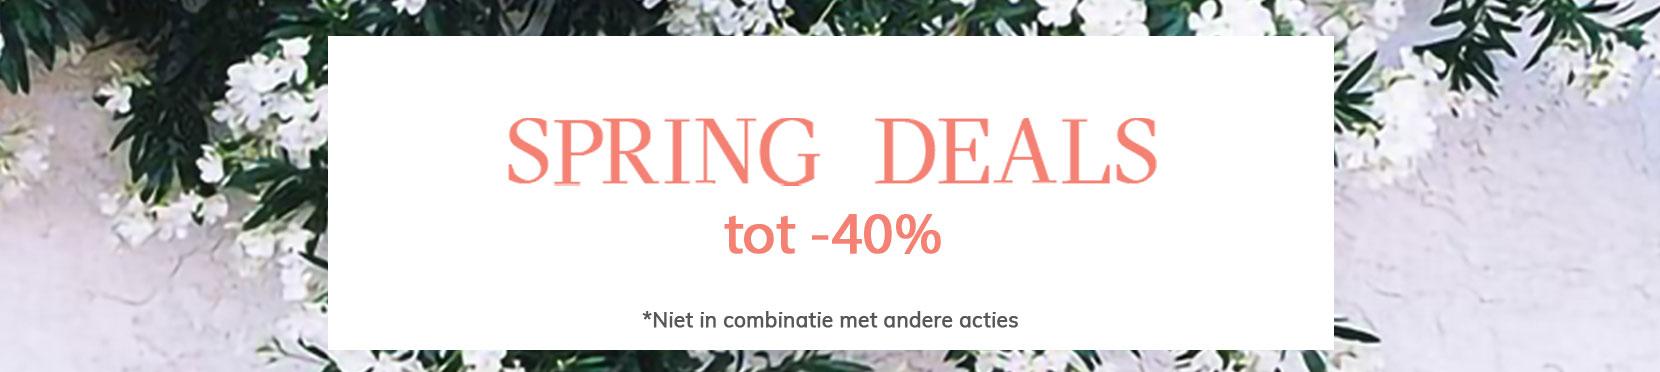 SpringDeals